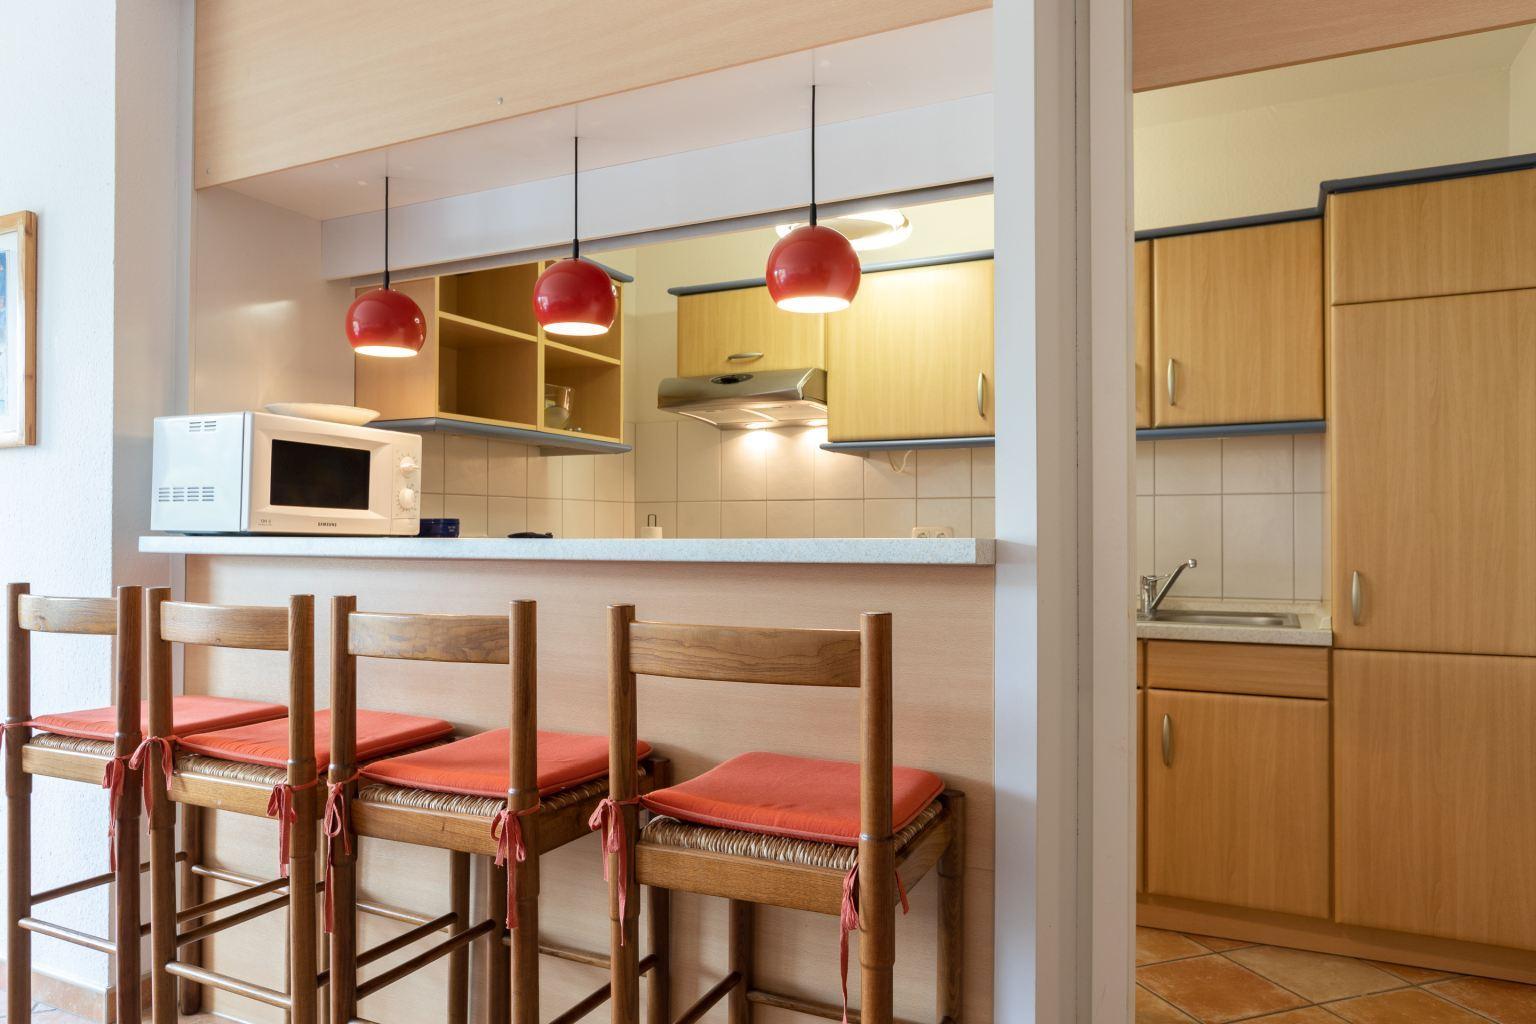 Küche mit Tresen, Ferienwohnung 5, St Peter Ording Bad, Haus Atlantic,  Alter Badweg 11-15